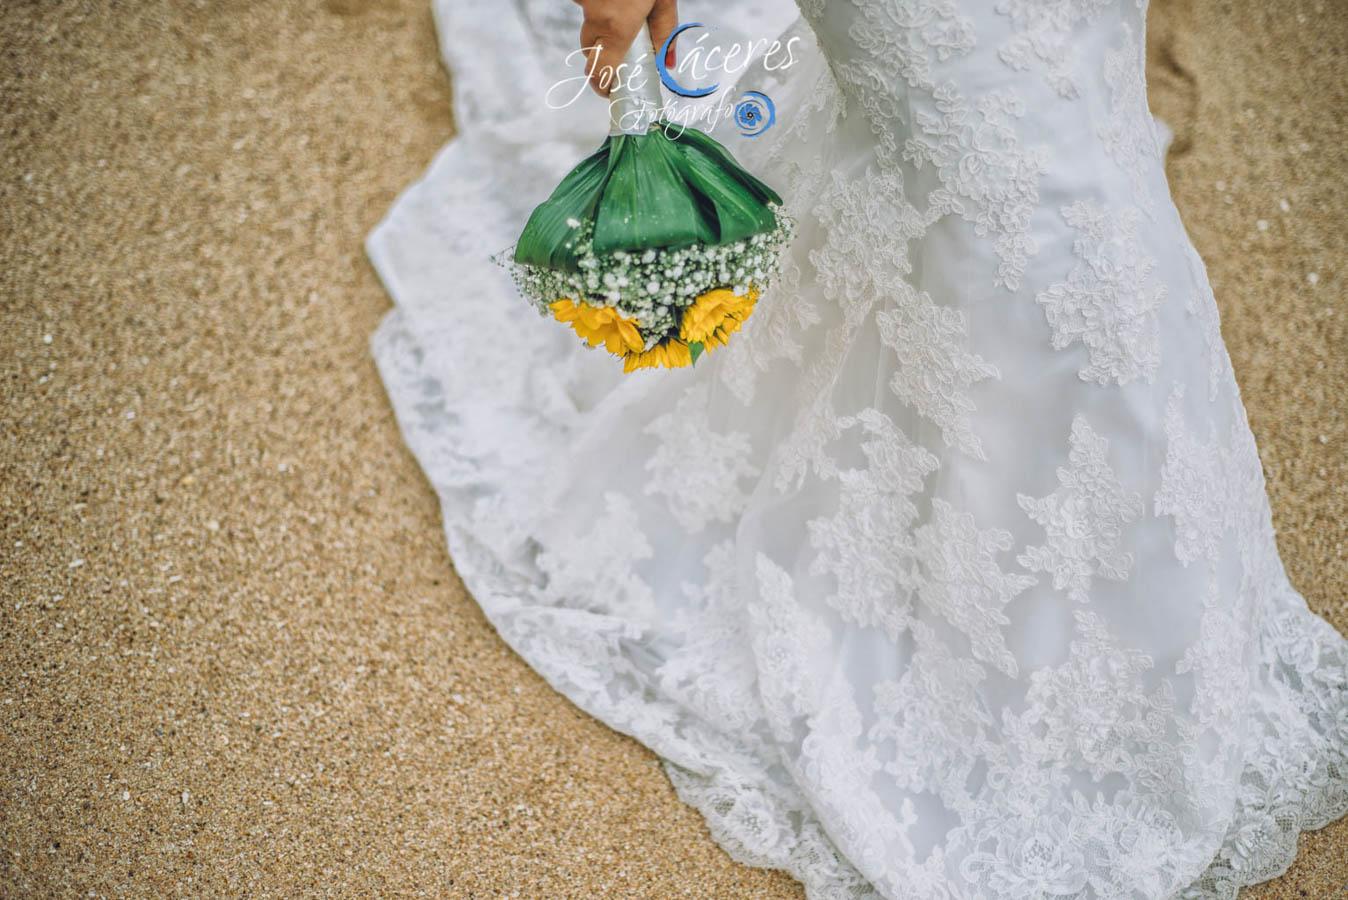 Sesion fotografica de jose caceres fotografia, post boda leticia y jose luis, playas-2